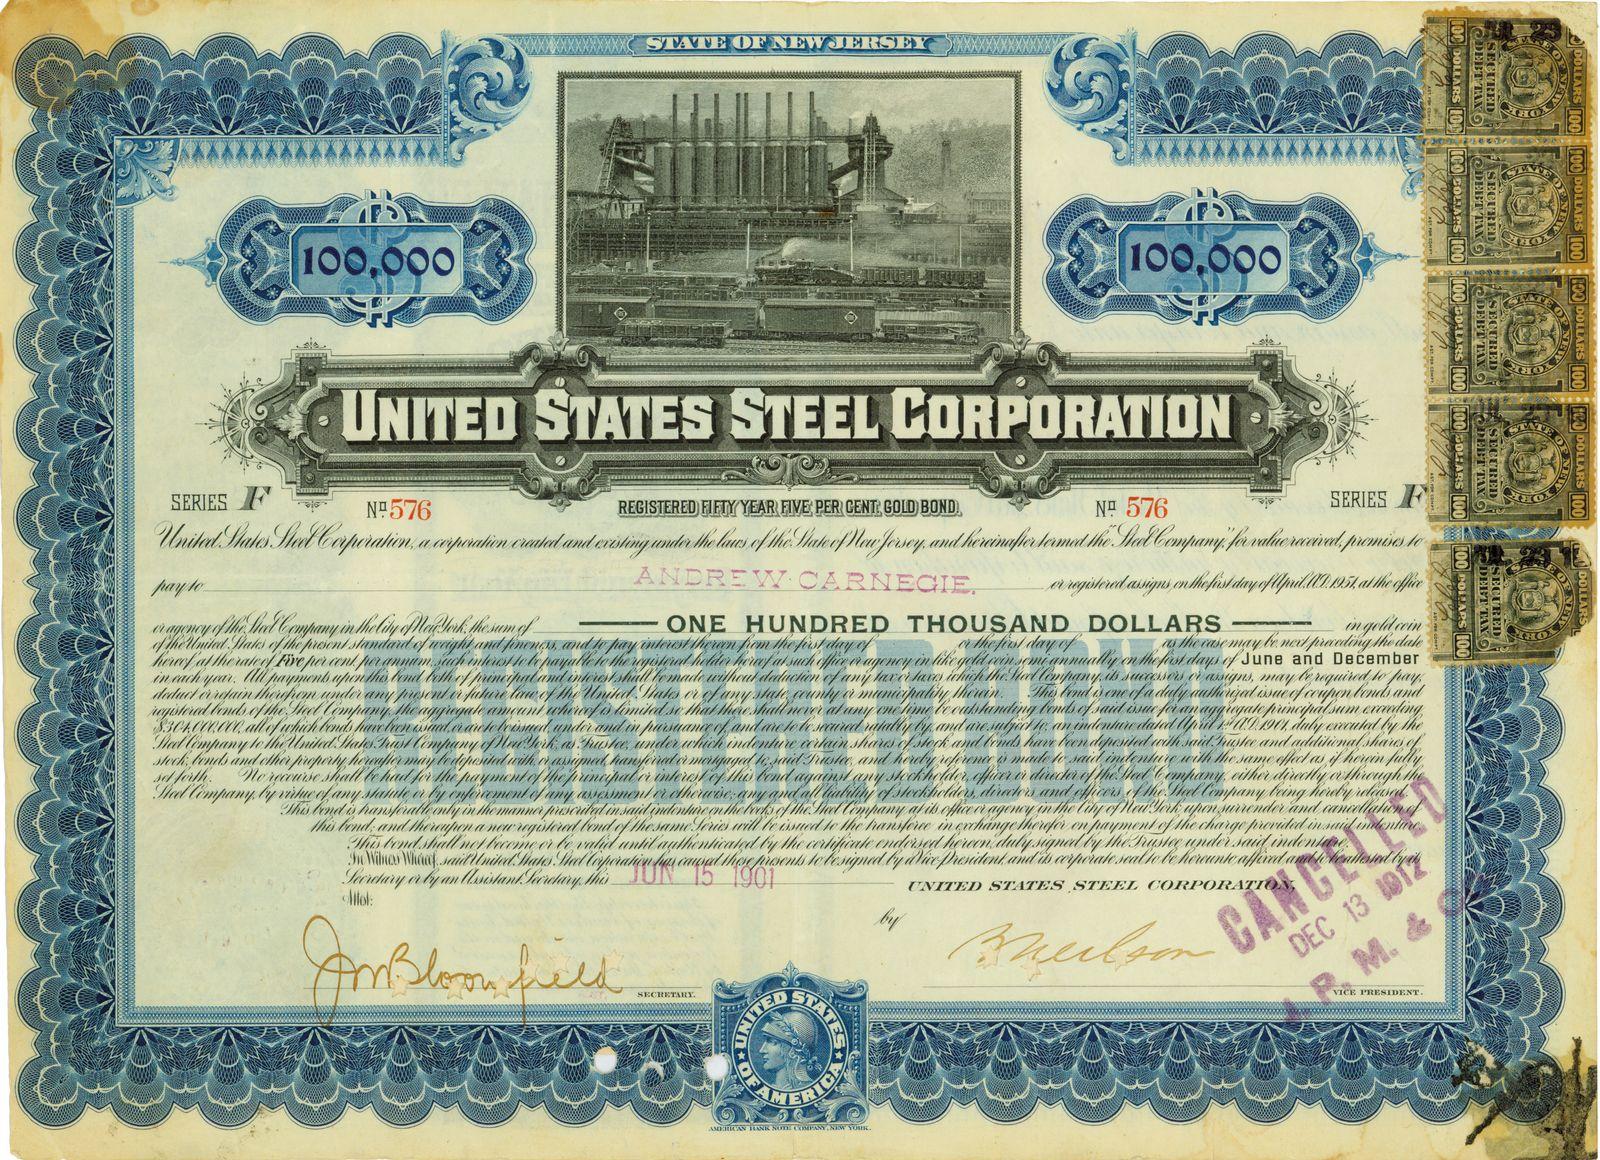 EINMALIGE VERWENDUNG Historisches Wertpapier mit Signatur Andrew Carnegie